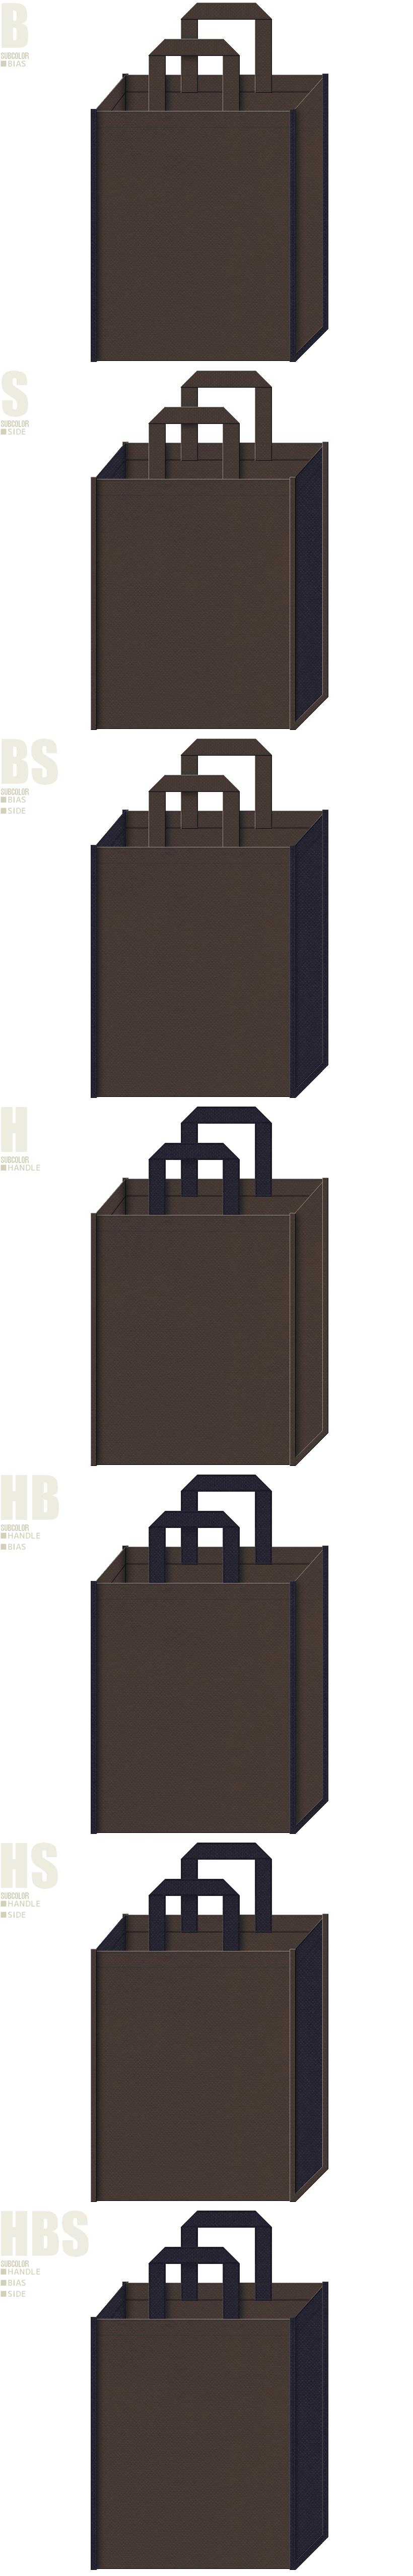 こげ茶色と濃紺色、7パターンの不織布トートバッグ配色デザイン例。ホラーゲームのノベルティにお奨めです。